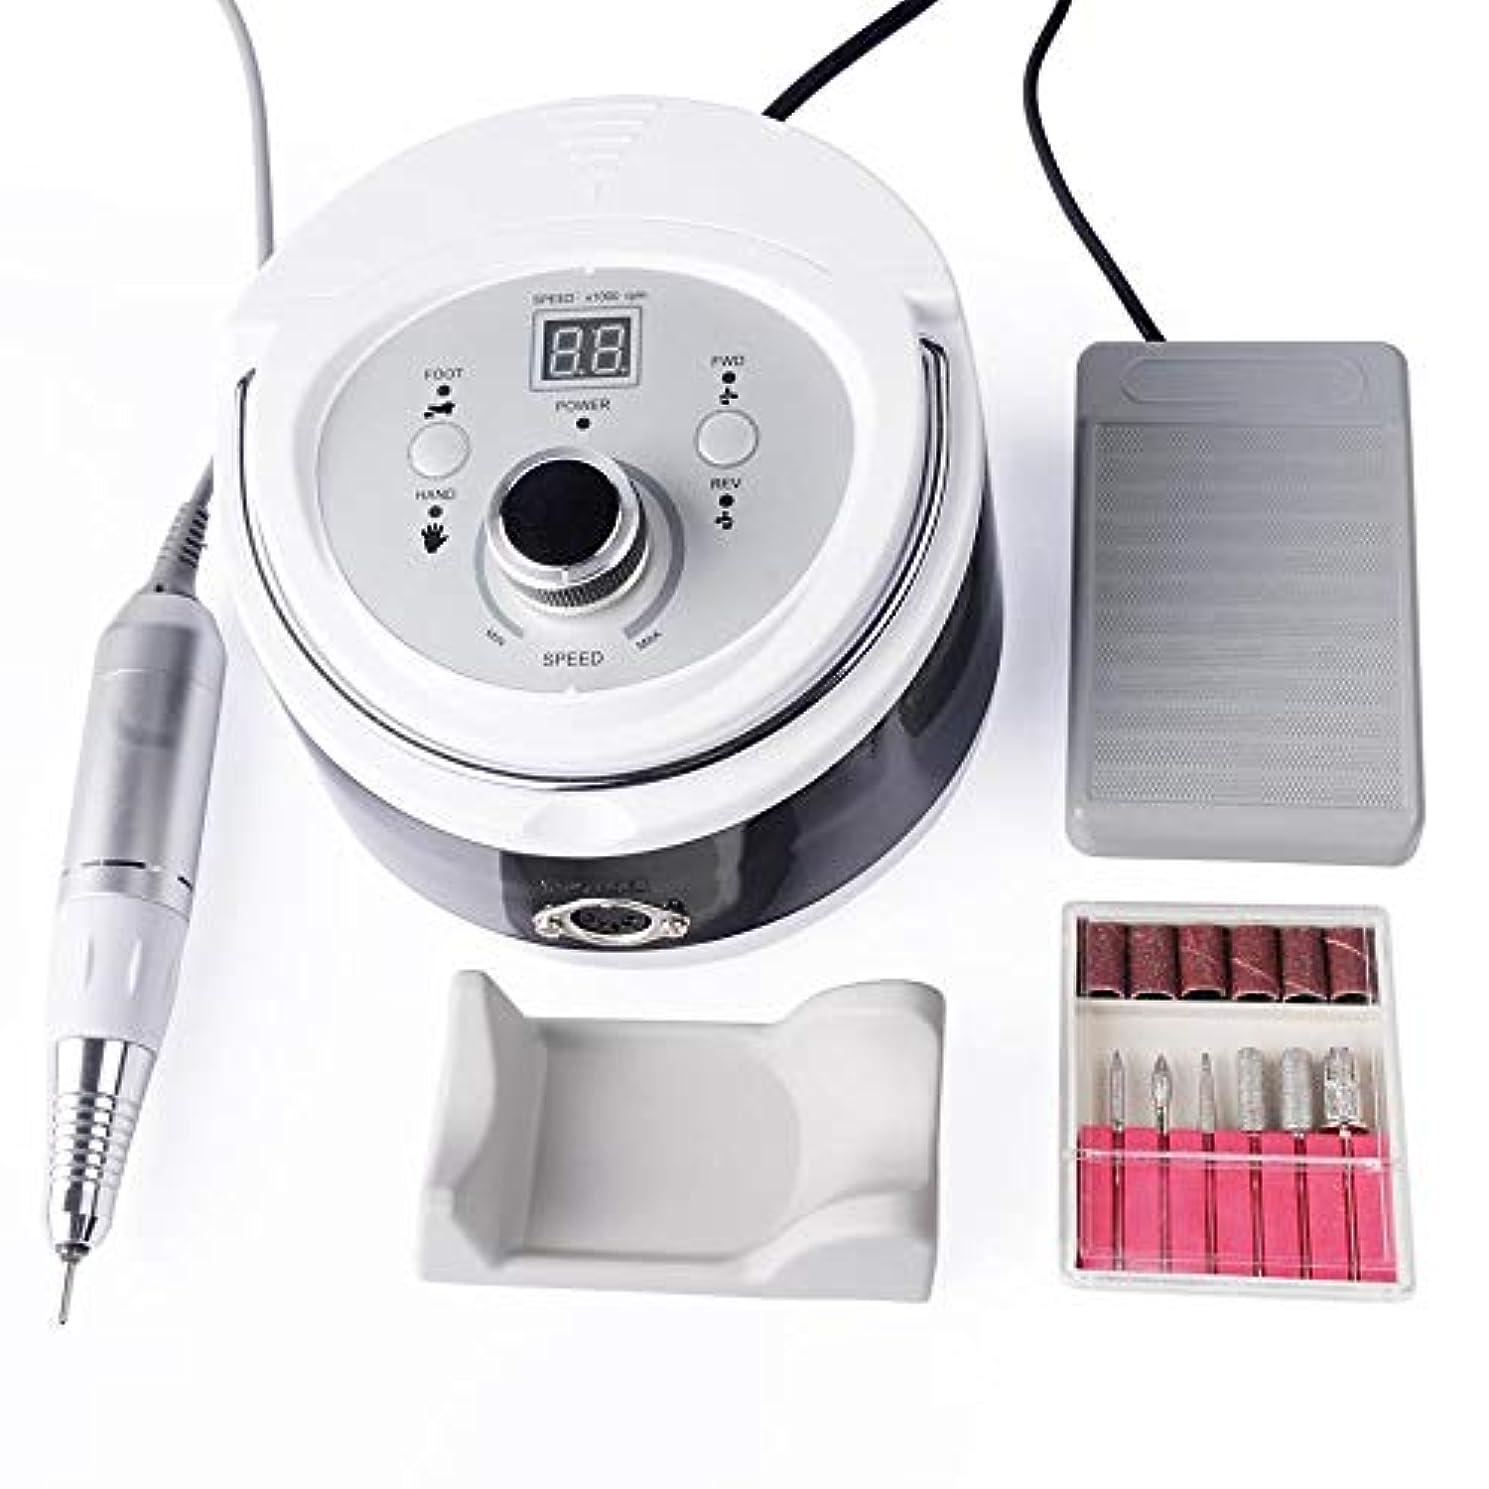 音ラバ韓国語ネイルドリルマシン、30000RPMプロフェッショナルネイルマニキュアマニキュアマシン電動工具用ネイルドリルアート研磨工作機械ドリルビットLCDスクリーン